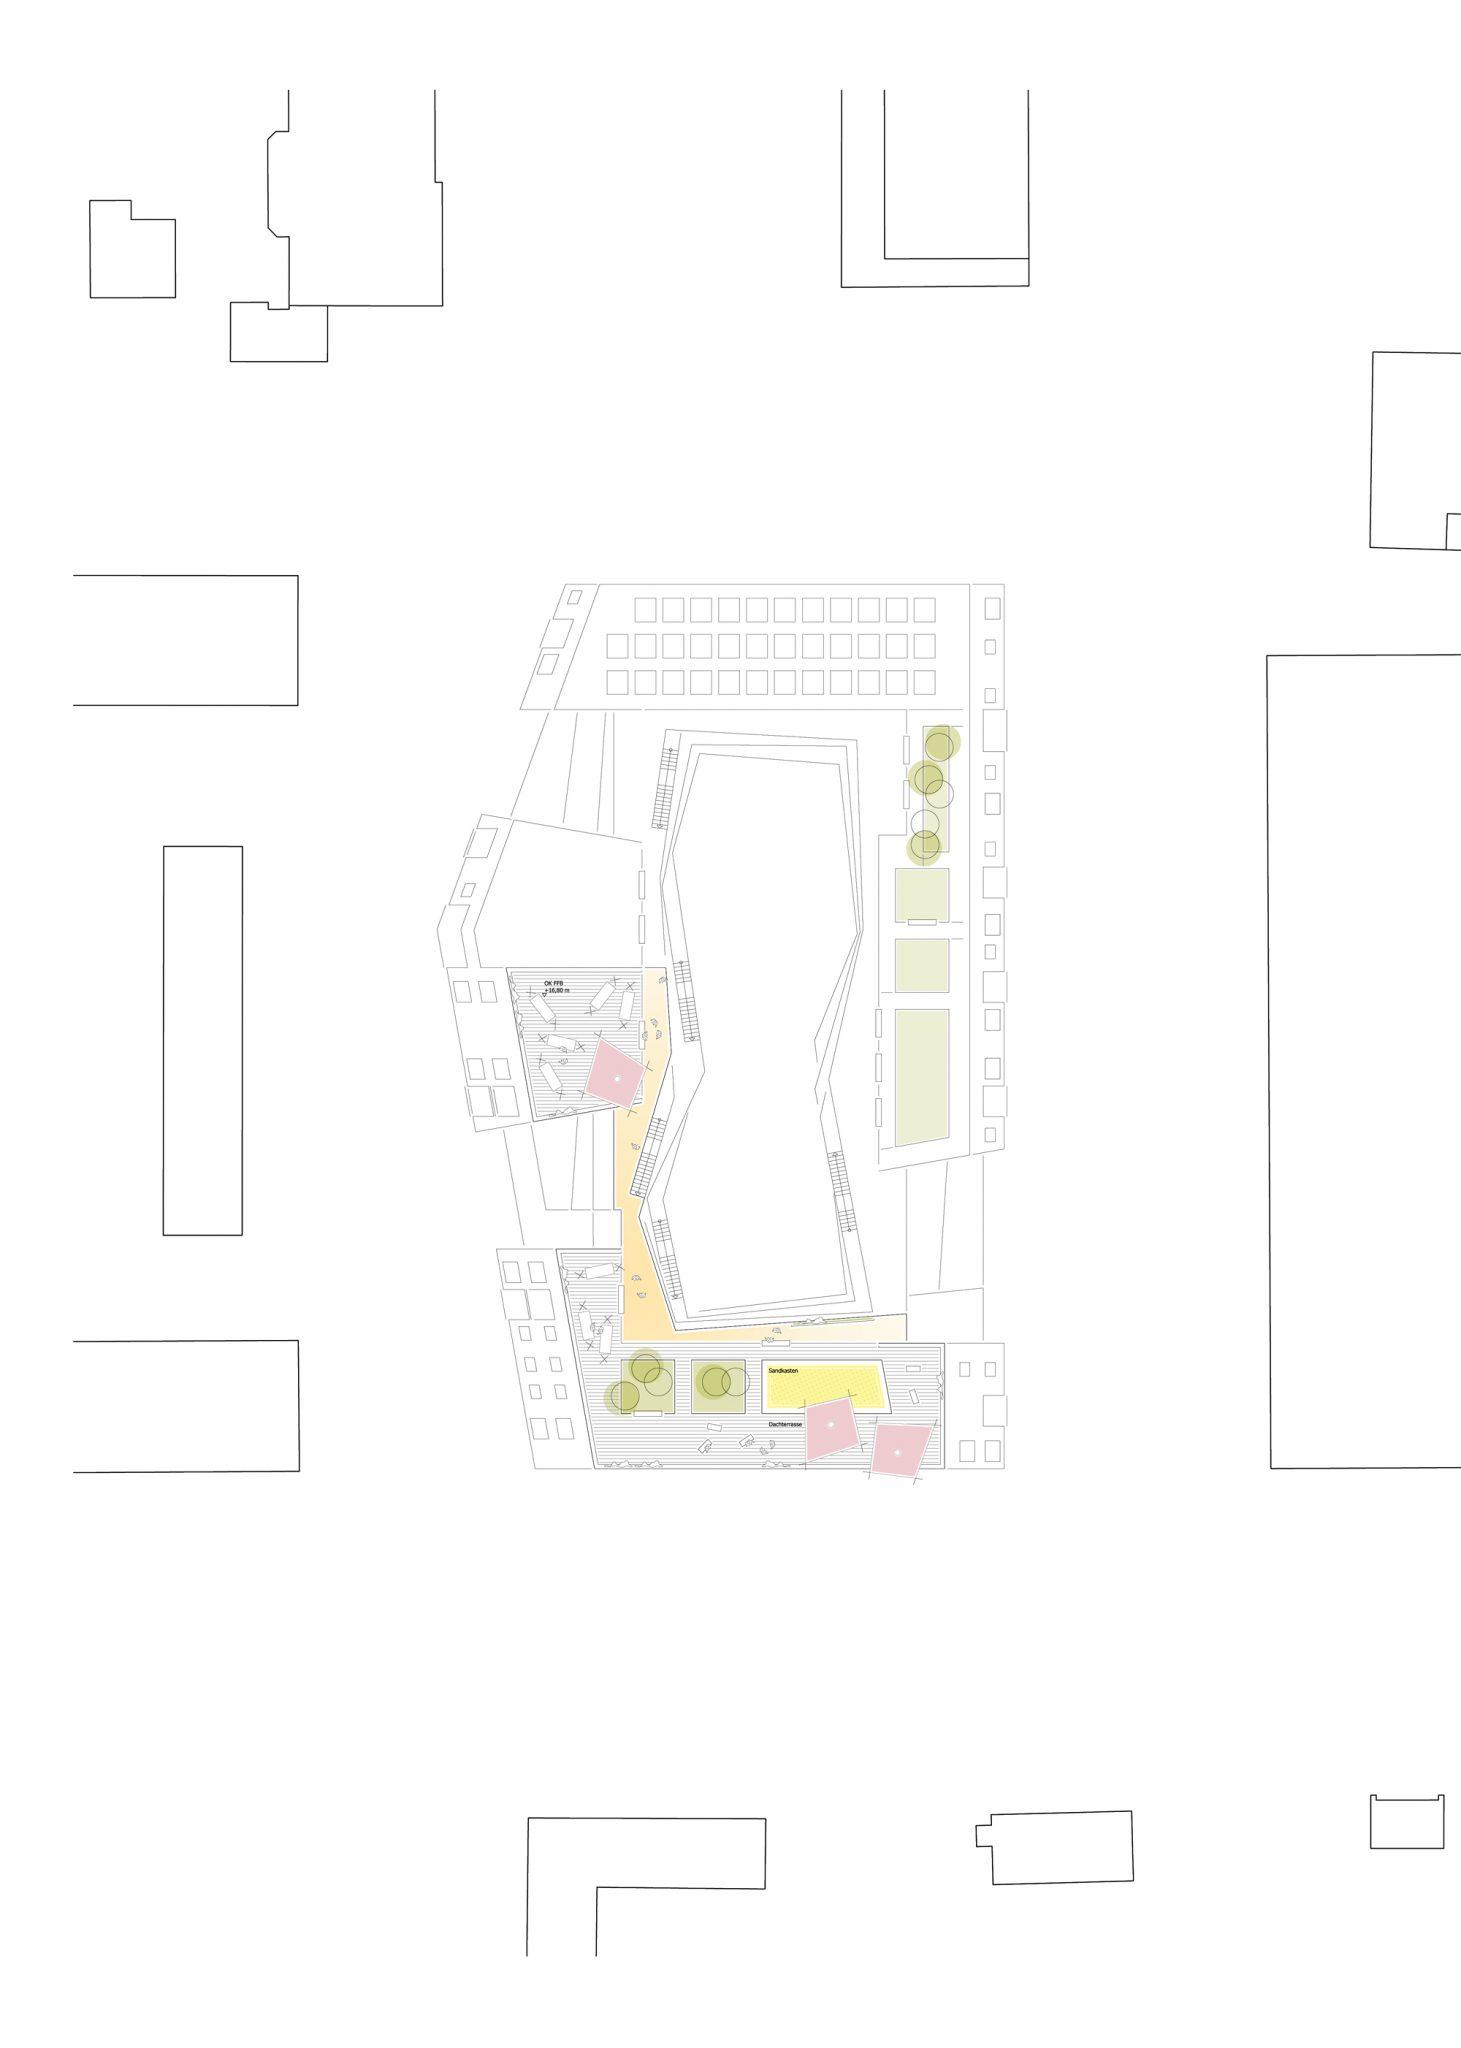 Grundriss 5. OG für ALN-Beitrag beim Landshut Wettbewerb Bürgerblock